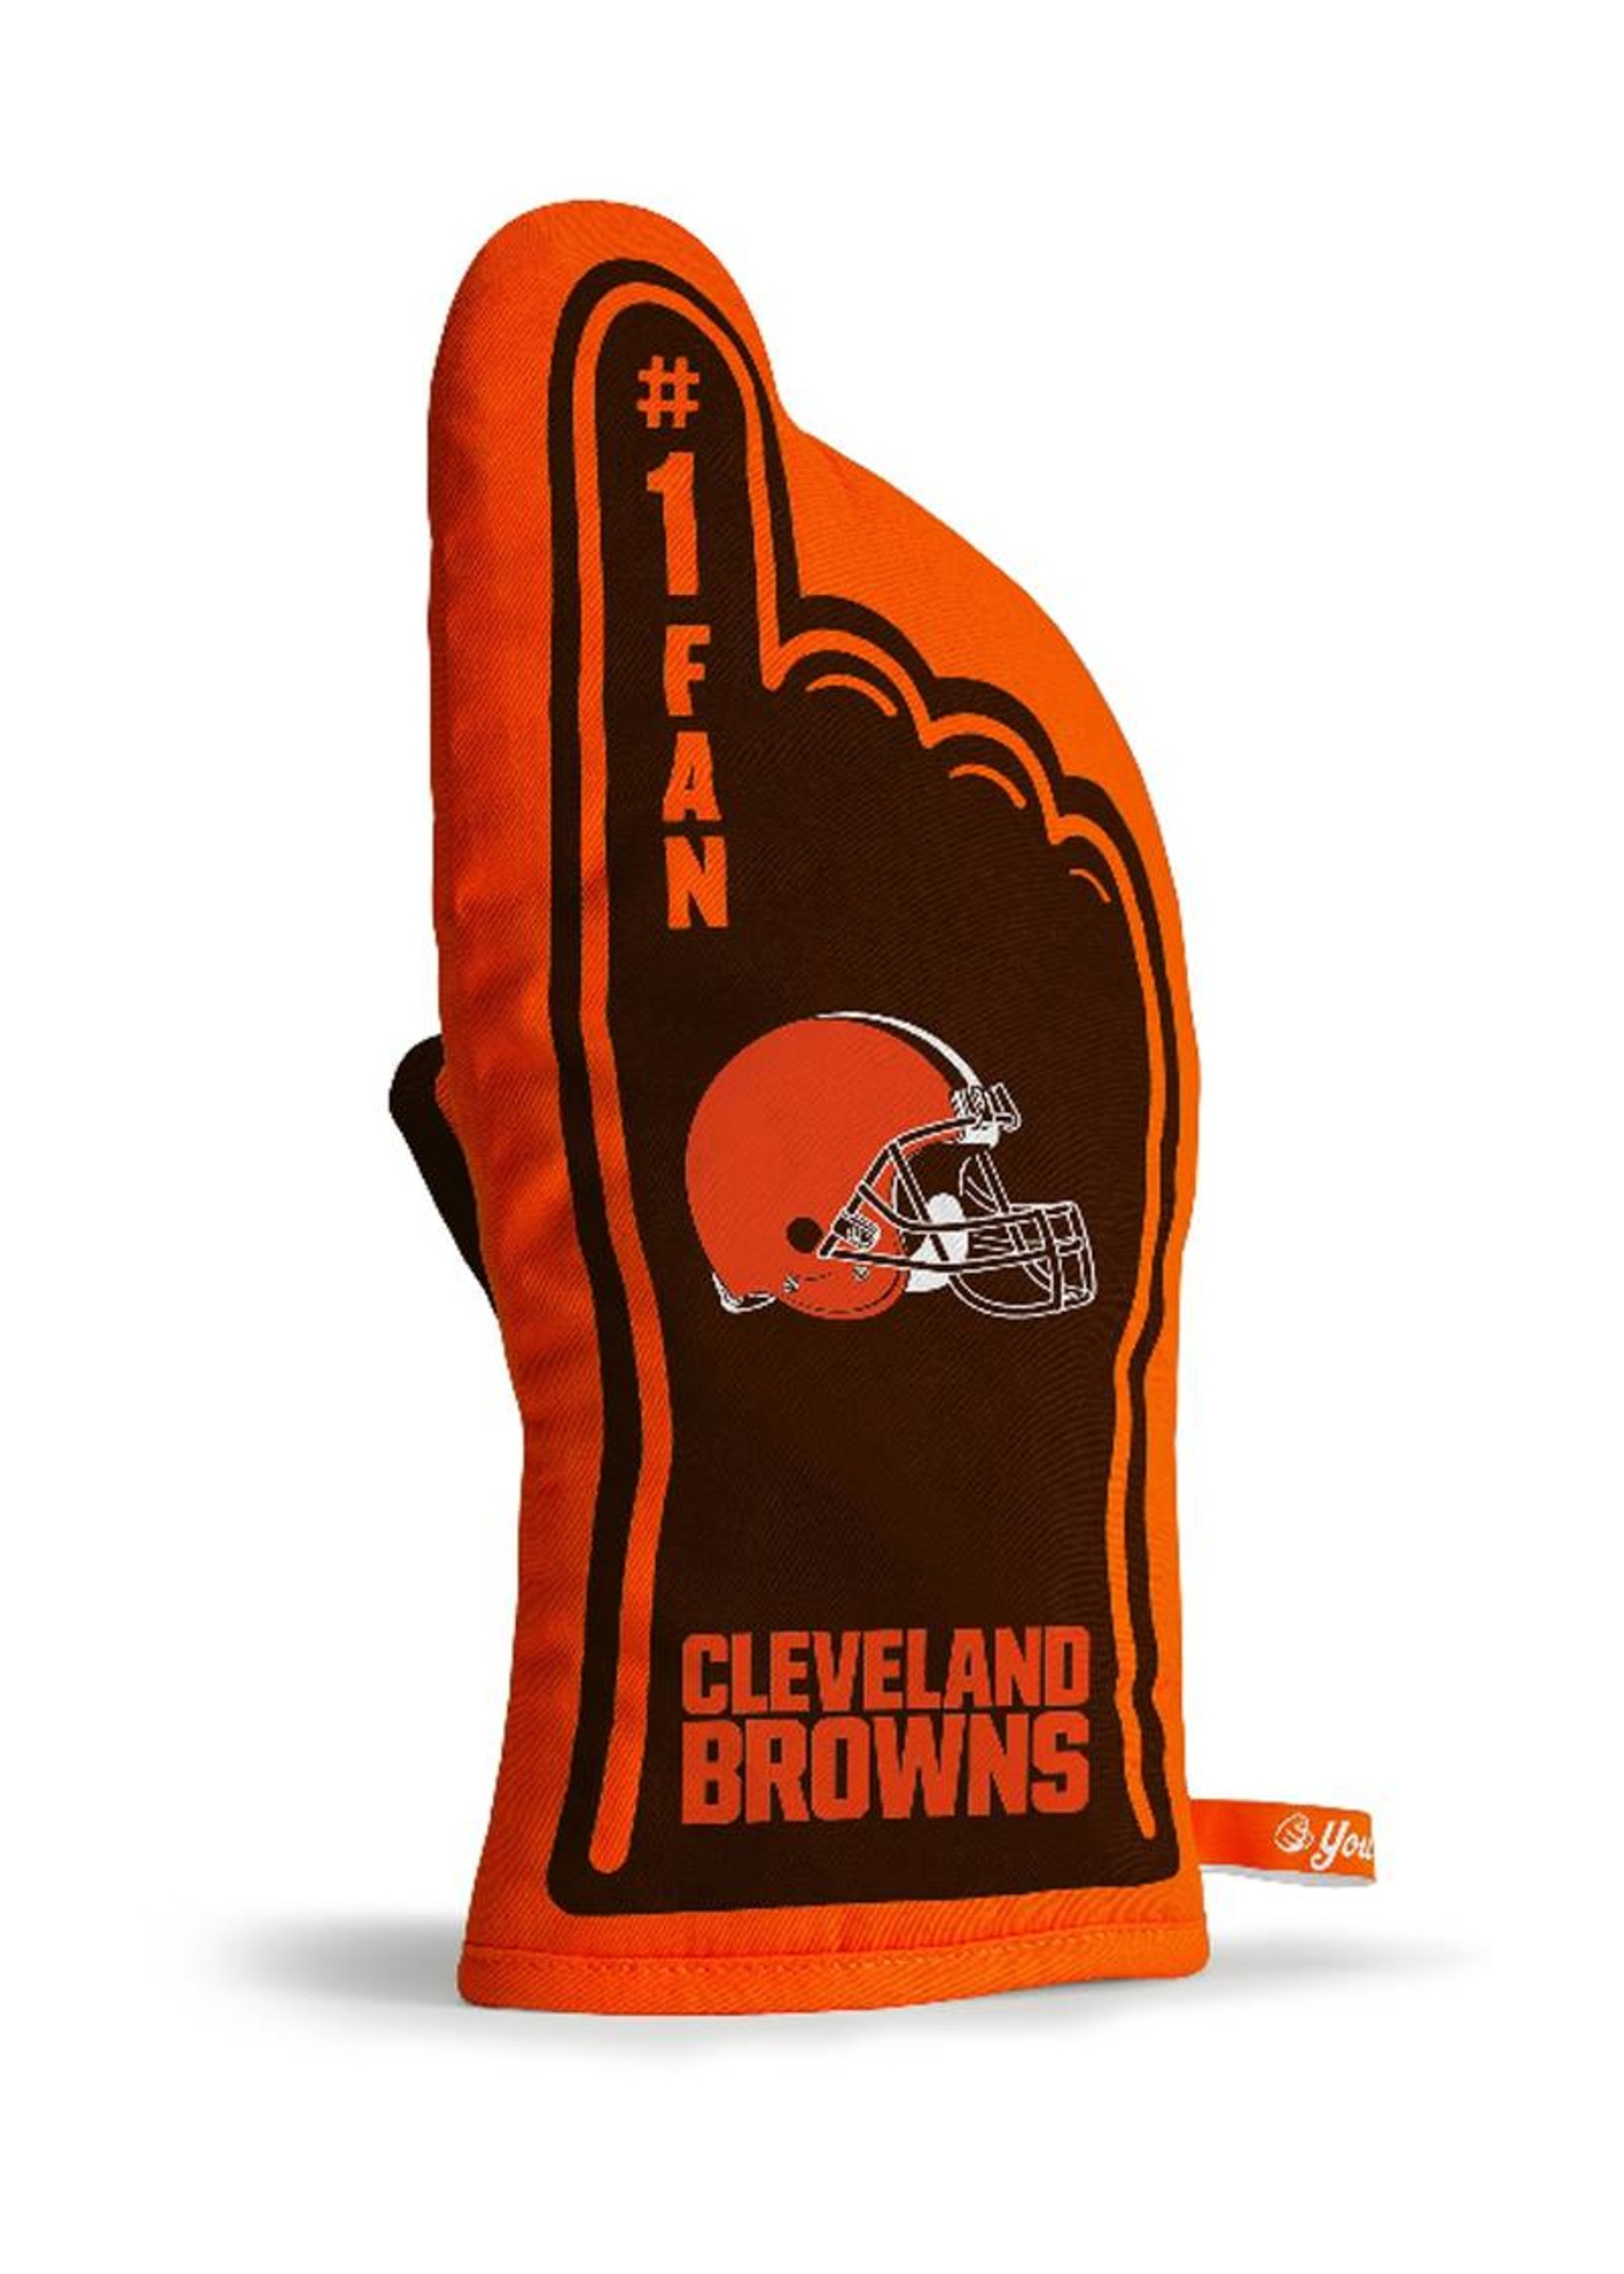 Cleveland Browns #1 Oven Mitt